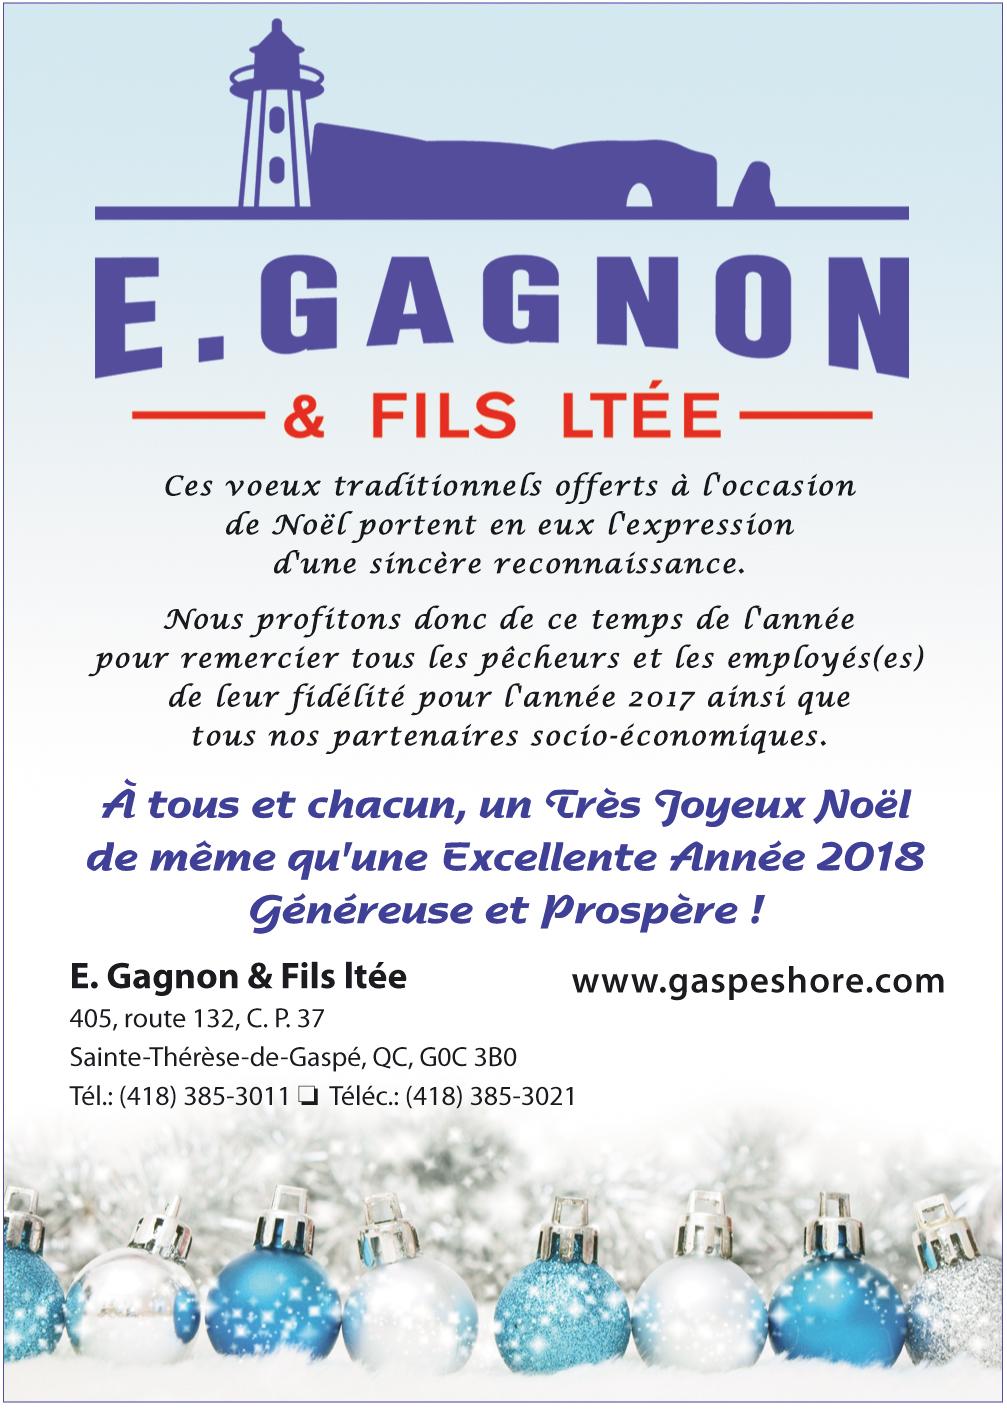 E. Gagnon et Fils Ltée